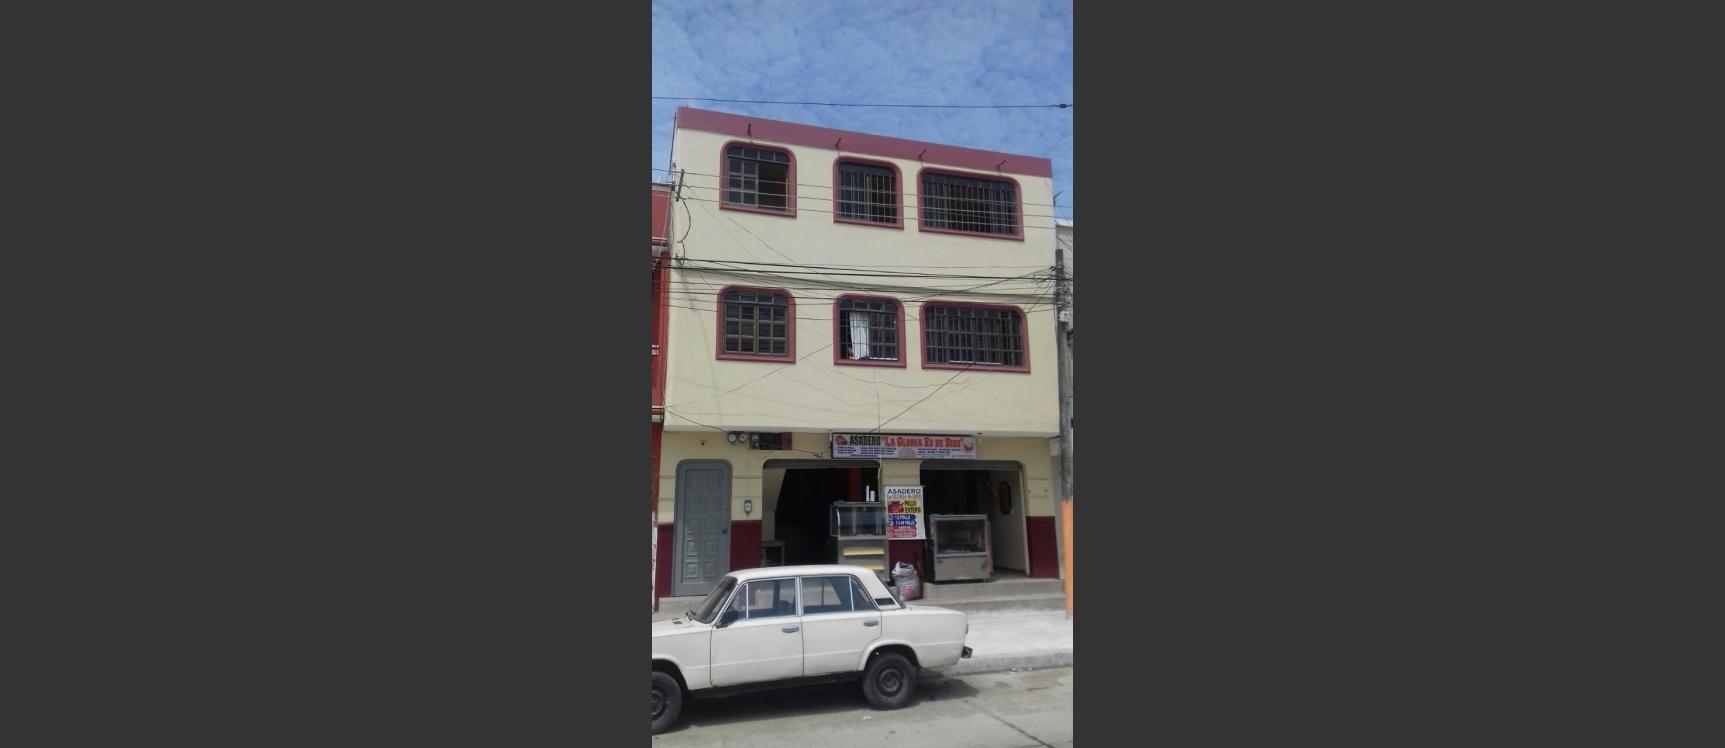 GeoBienes - Vendo Edificio en Ciudadela Guayacanes  - Plusvalia Guayaquil Casas de venta y alquiler Inmobiliaria Ecuador